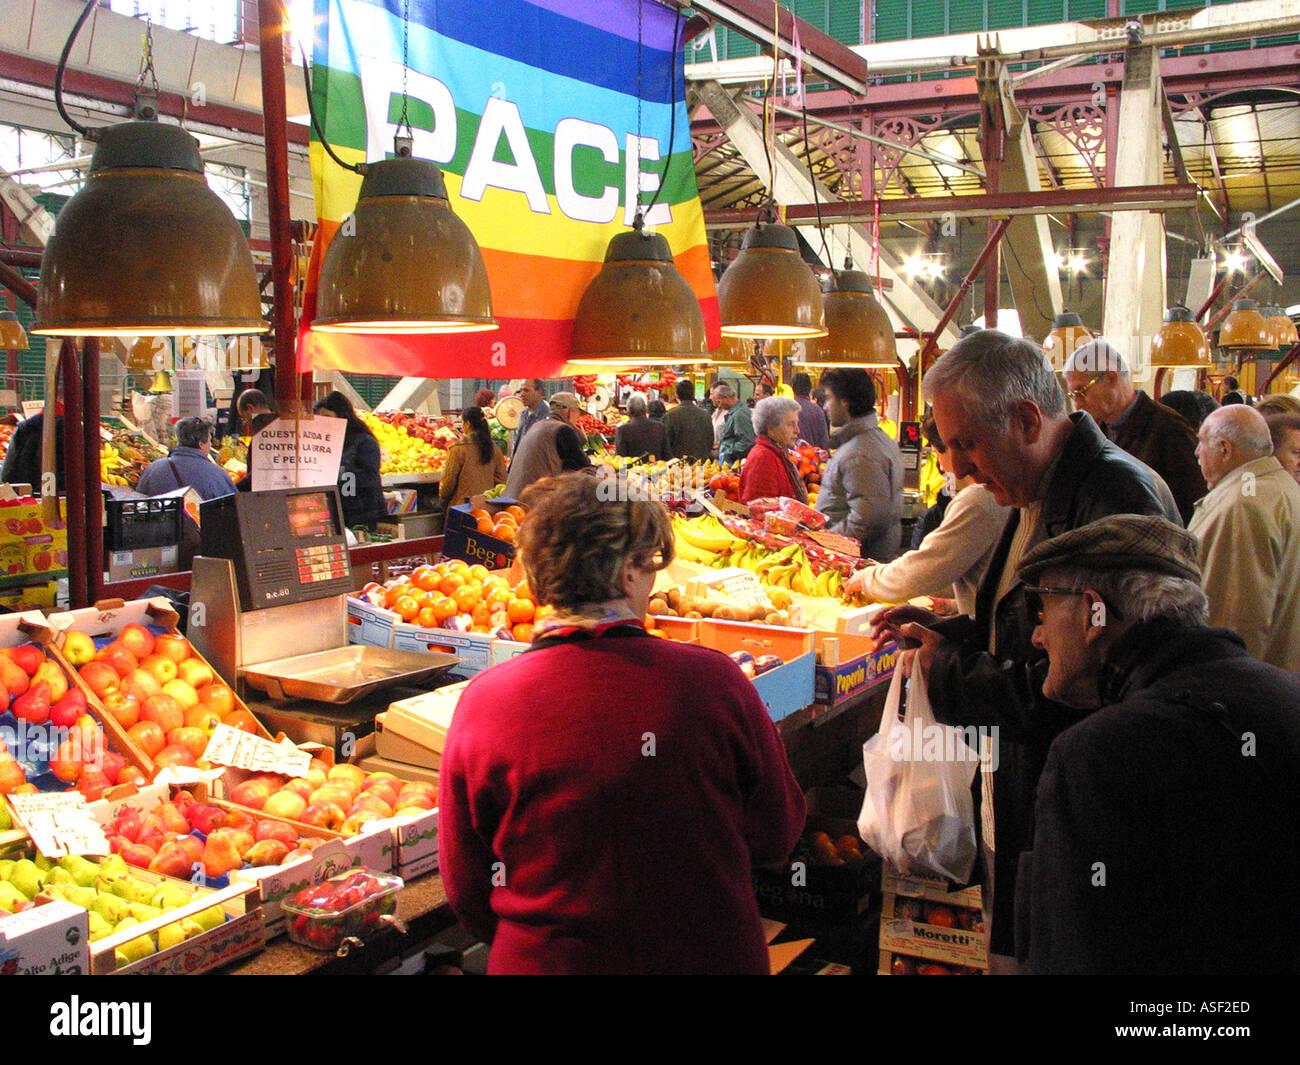 Bandera de paz pende sobre producen en Florencia Italia s Mercado Central  Imagen De Stock 0250c744a6b